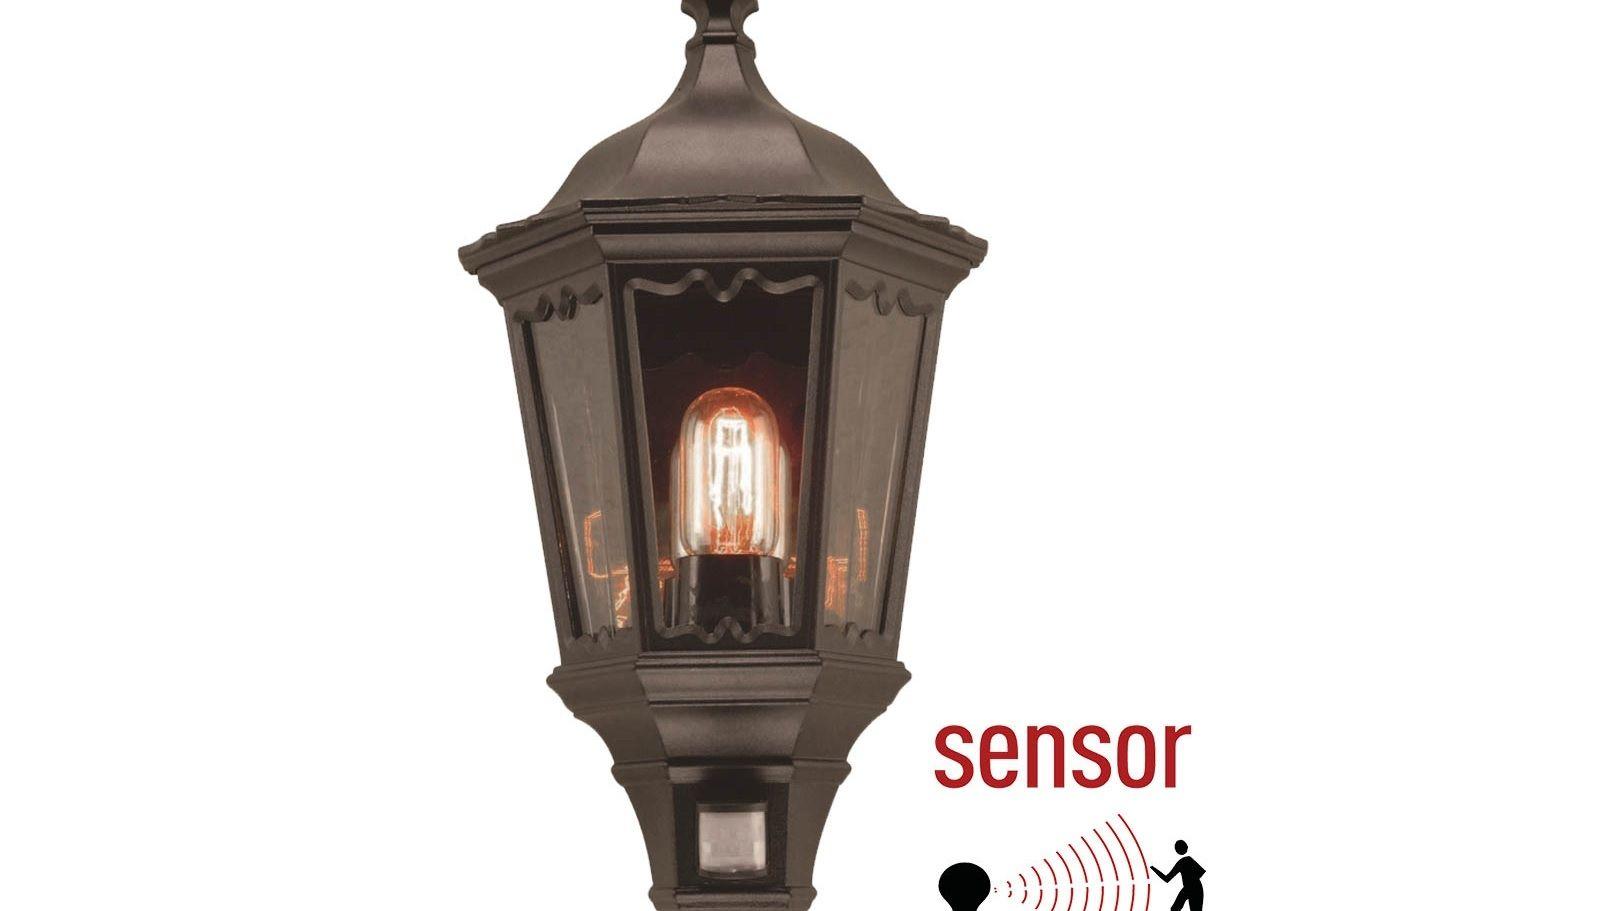 Sensor traditionele buitenlamp met ingebouwde